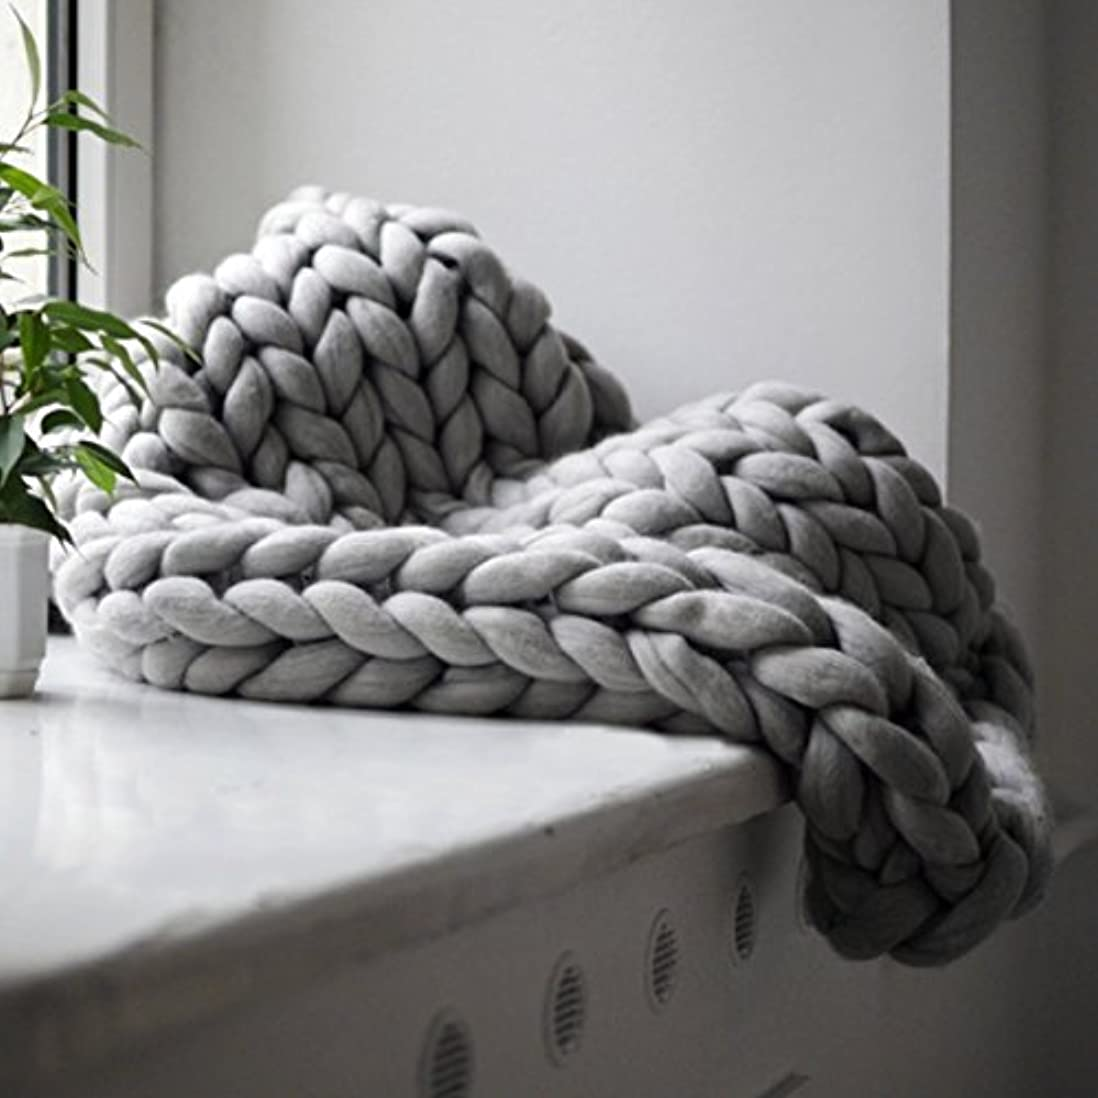 緊張極地クリップ蝶Saikogoods 快適な暖かいソフト太いラインジャイアント糸ニットブランケット手作りマニュアルウィービング写真小道具毛布をキープ グレー 100×120cm